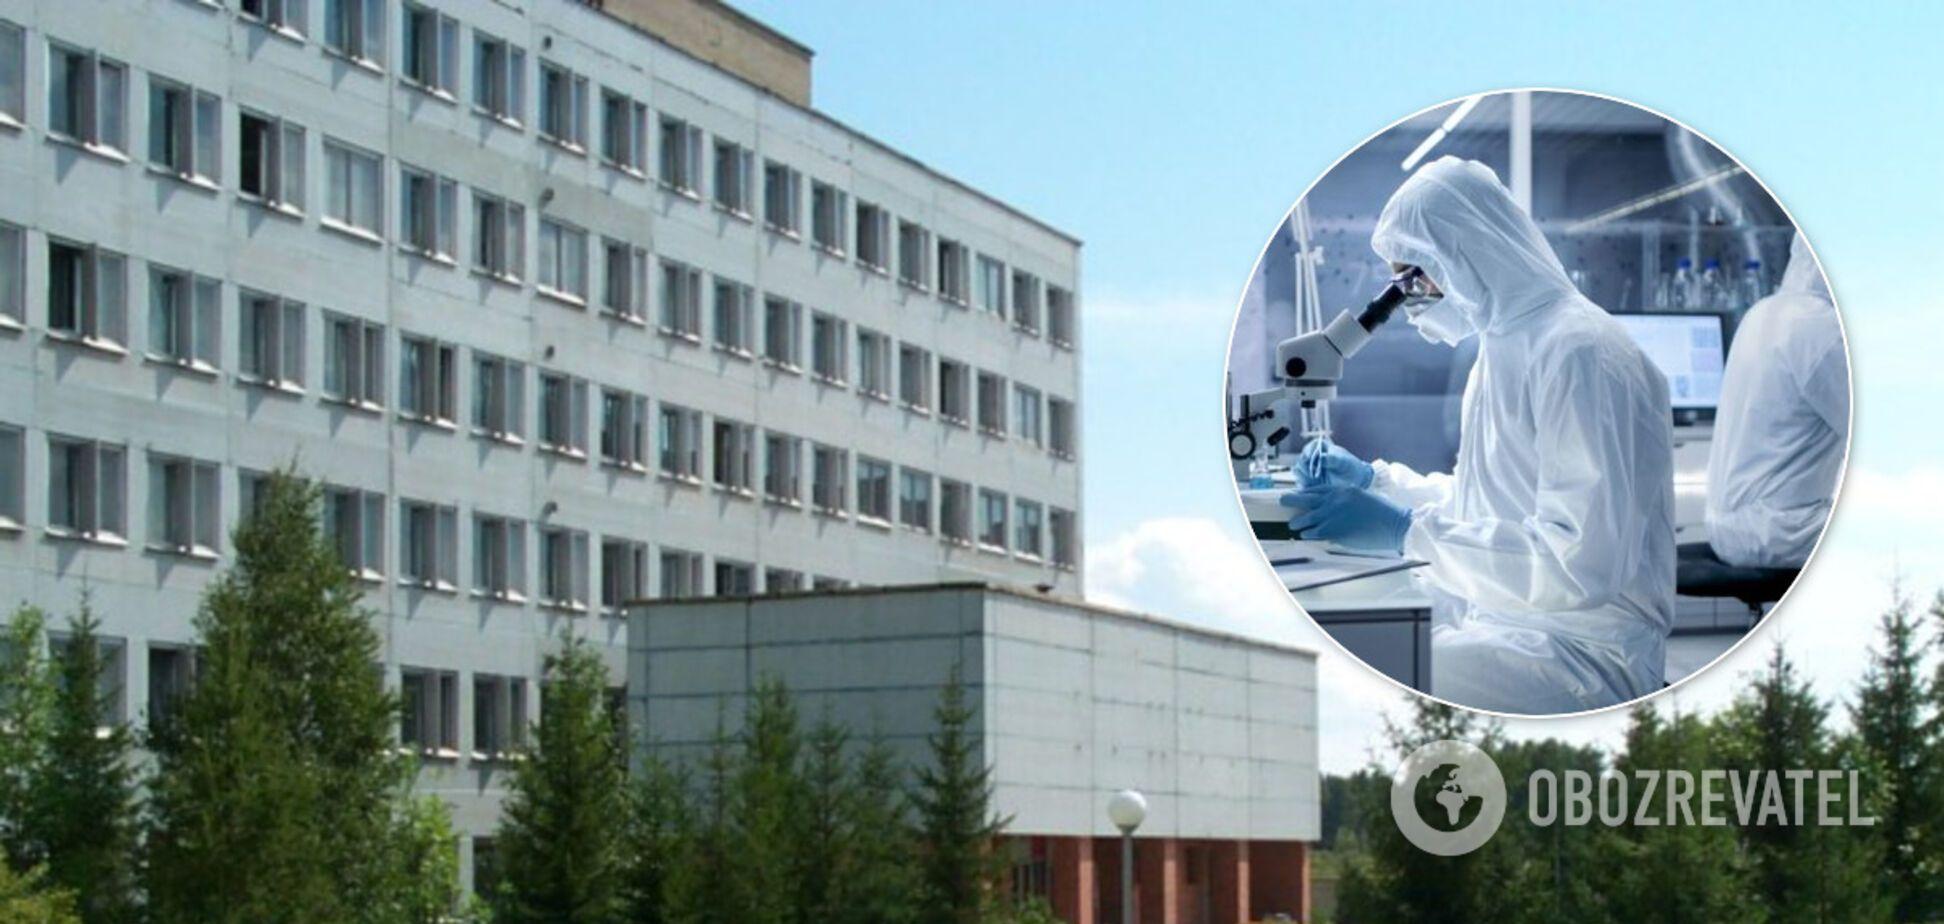 Секретный взрыв в российской лаборатории принес в Украину вспышку пневмонии: Илларионов раскрыл детали